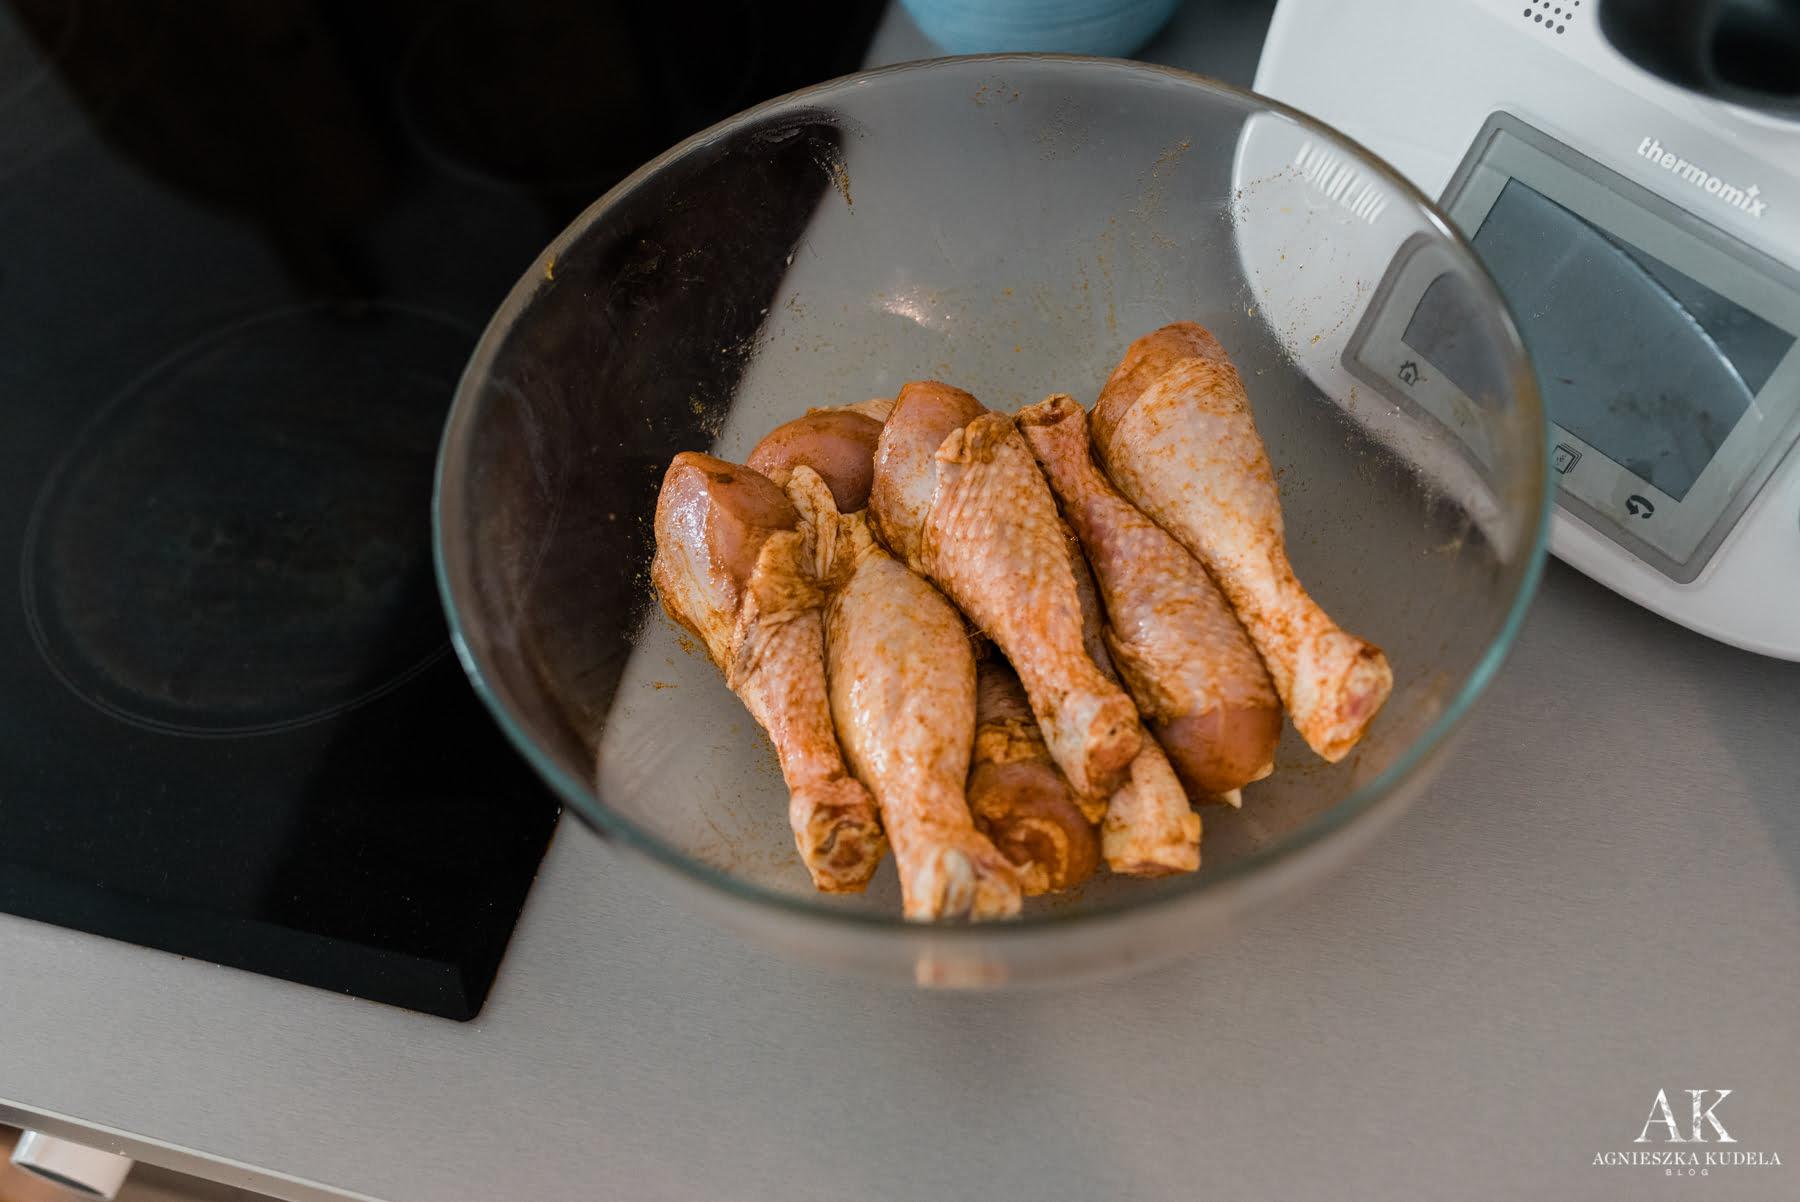 zdrowe jedzenie jadłospis kurczak